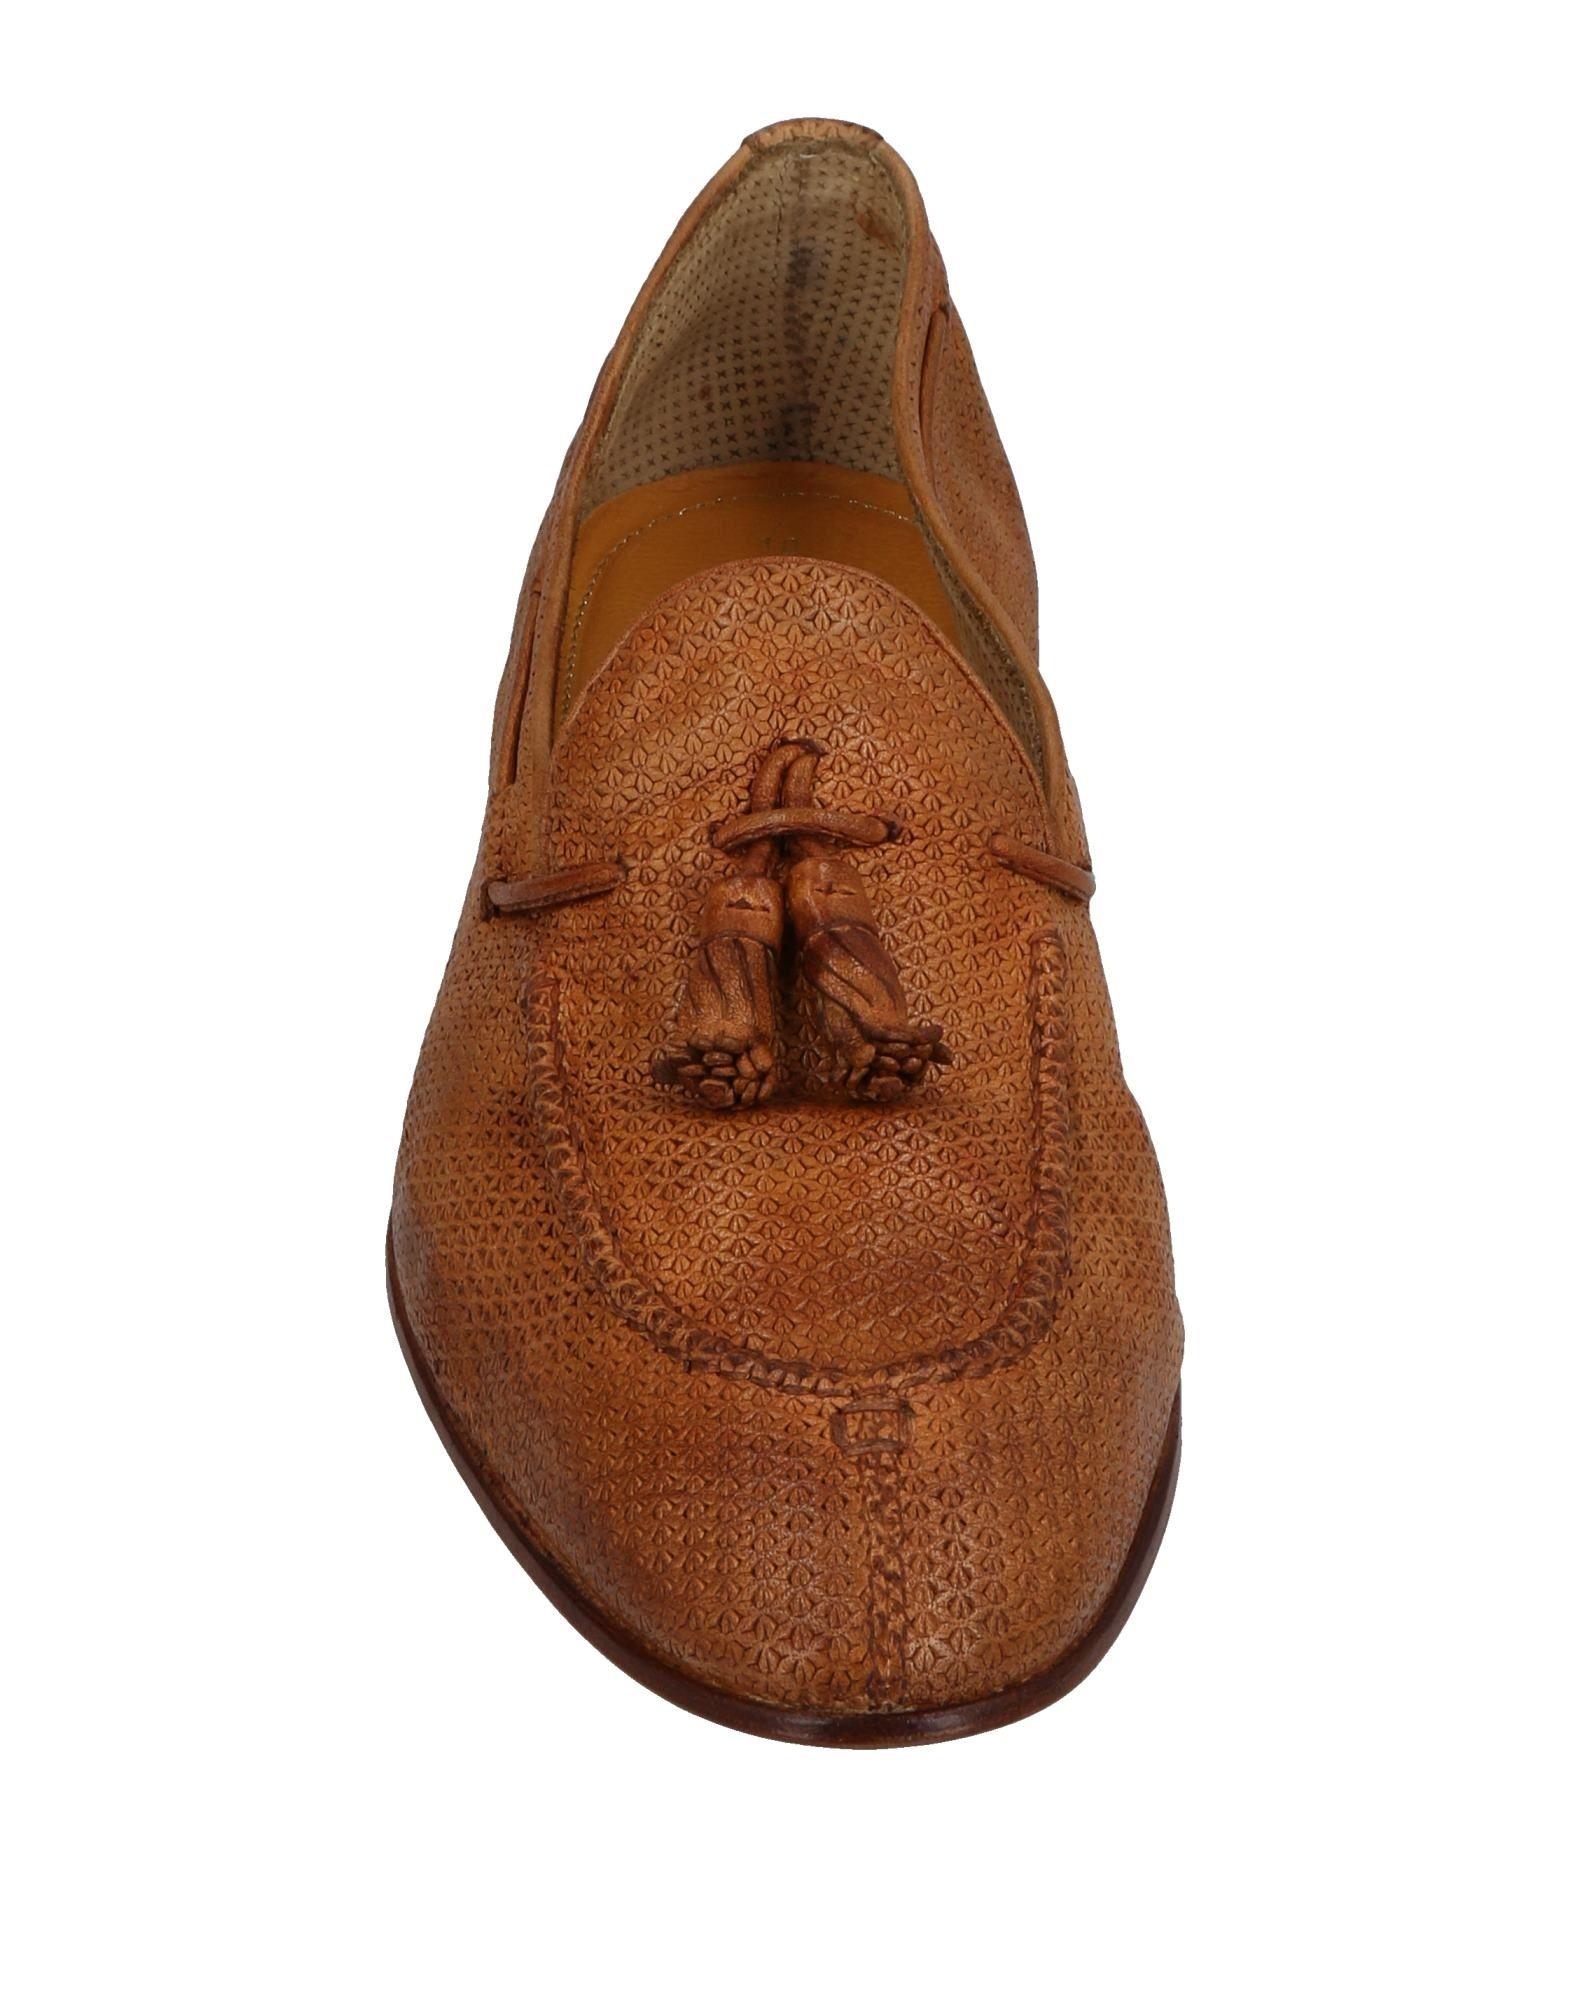 Raparo Mokassins Gute Herren  11459315WG Gute Mokassins Qualität beliebte Schuhe dcef47